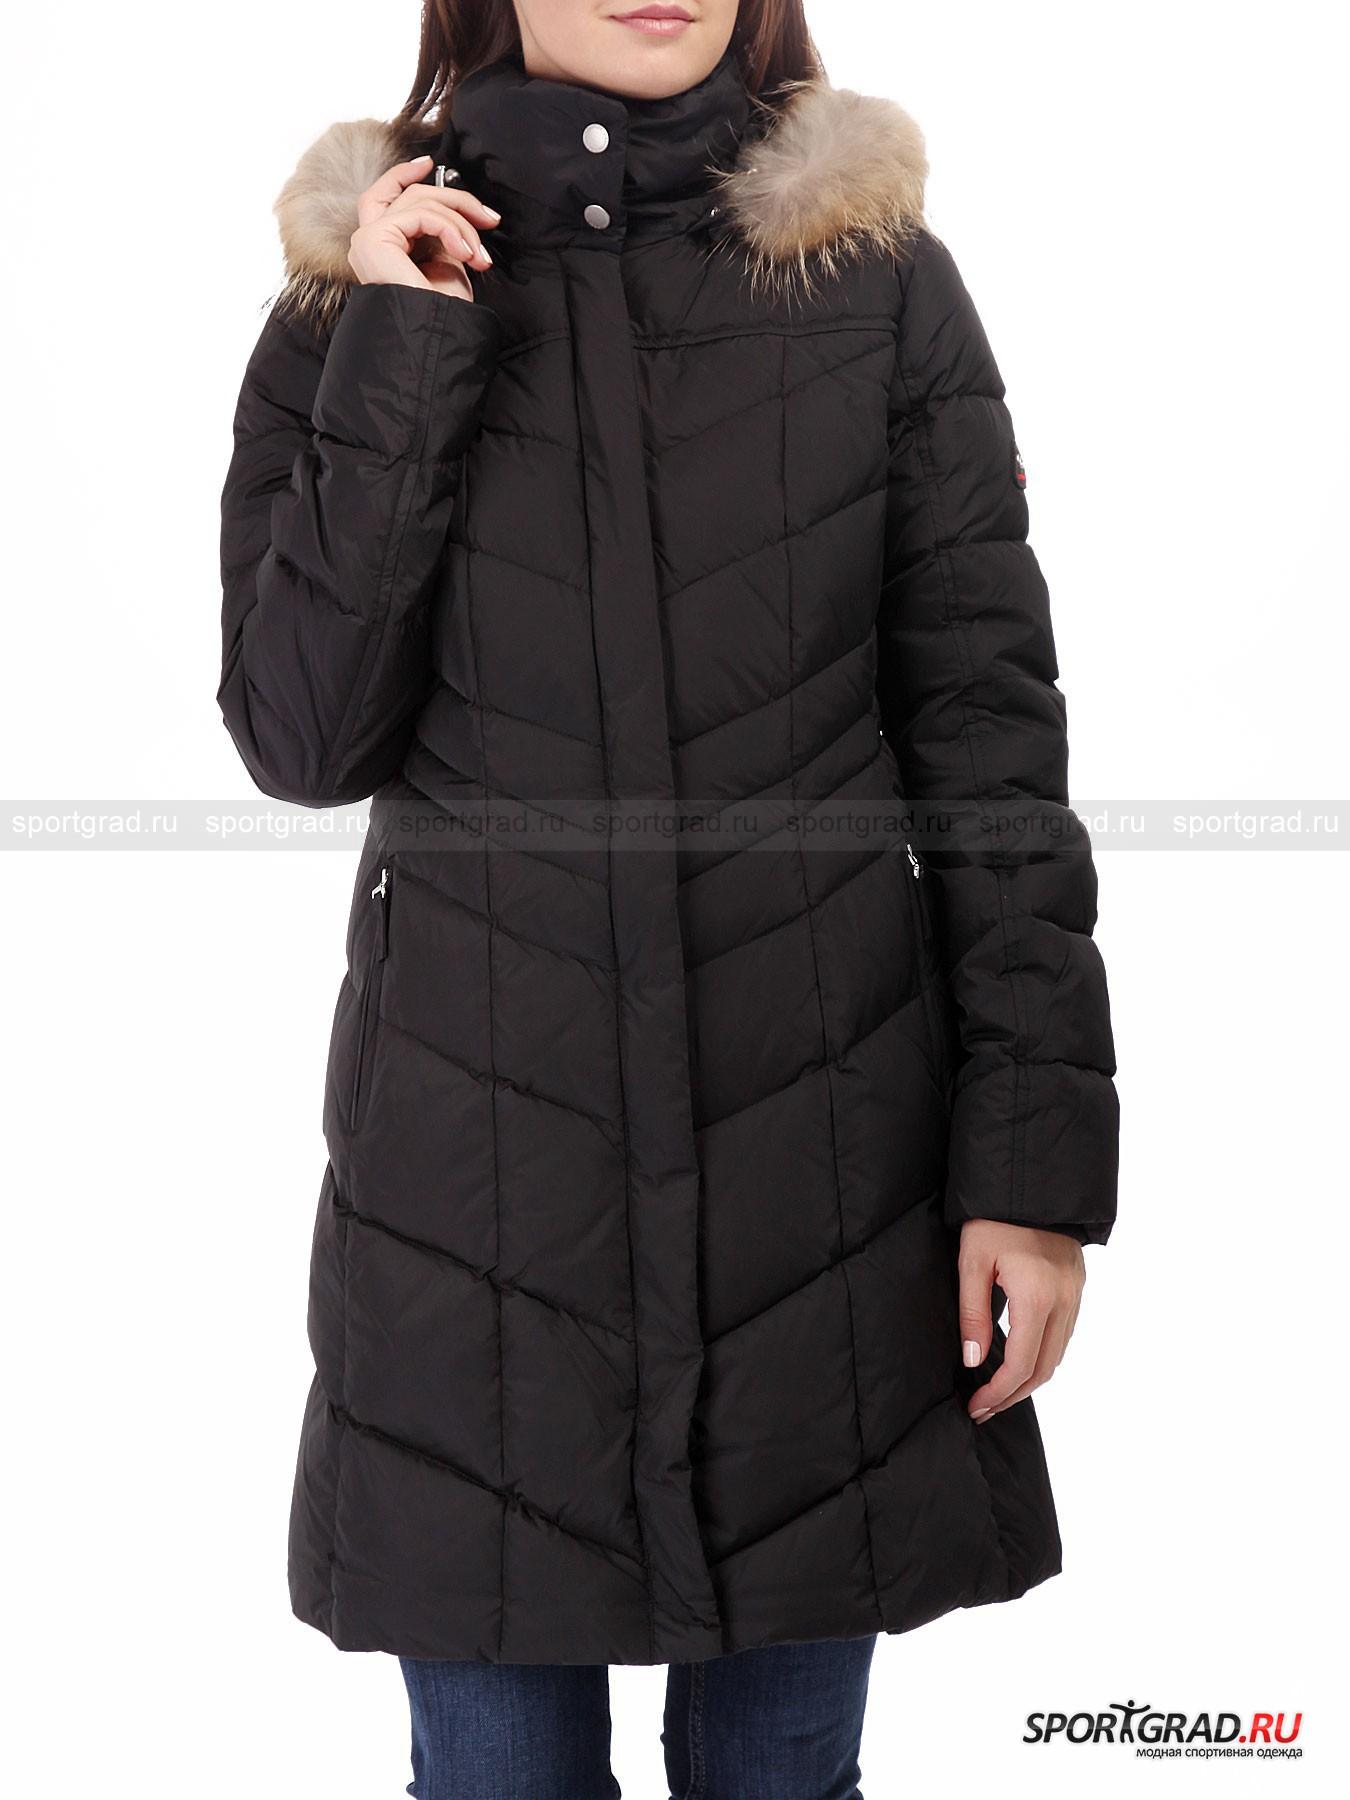 Пальто женское Dalia-D FIRE&amp;ICEПуховики<br>Черное стеганое пальто Dalia-D Fire+Ice  – классика зимнего стиля, которая никогда не потеряет актуальности. Такая модель прекрасно сочетается практически с любой одеждой и обувью и станет незаменимым помощником в те дни, когда нет возможности тратить время на тщательный подбор комплектов. <br><br>Пальто легкое и очень теплое, так как наполнено пухом с примесью пера. Отстегивающийся капюшон дополнен съемной опушкой из натурального меха енота. Высокое качество – визитная карточка Bogner, и такое пальто прослужит вам очень долго, неизменно радуя своим стильным внешним видом.<br><br>Особенности модели:<br>- фронтальная молния с двумя бегунками;<br>- планка на кнопках поверх молнии;<br>- высокий воротник;<br>- отстегивающийся капюшон со съемным мехом;<br>- два кармана на молнии снаружи и один внутри;<br>- внутренние трикотажные манжеты;<br>- фирменная нашивка на плече.<br><br>Пол: Женский<br>Возраст: Взрослый<br>Тип: Пуховики<br>Рекомендации по уходу: деликатная стирка до 30 С; не отбеливать; гладить при температуре до 110 С; щадящая химическая чистка; можно сушить в стиральной машине при низкой температуре<br>Состав: материал верха 100% полиамид; подкладка 100% полиэстер; внутри 80% пух, 20% прео